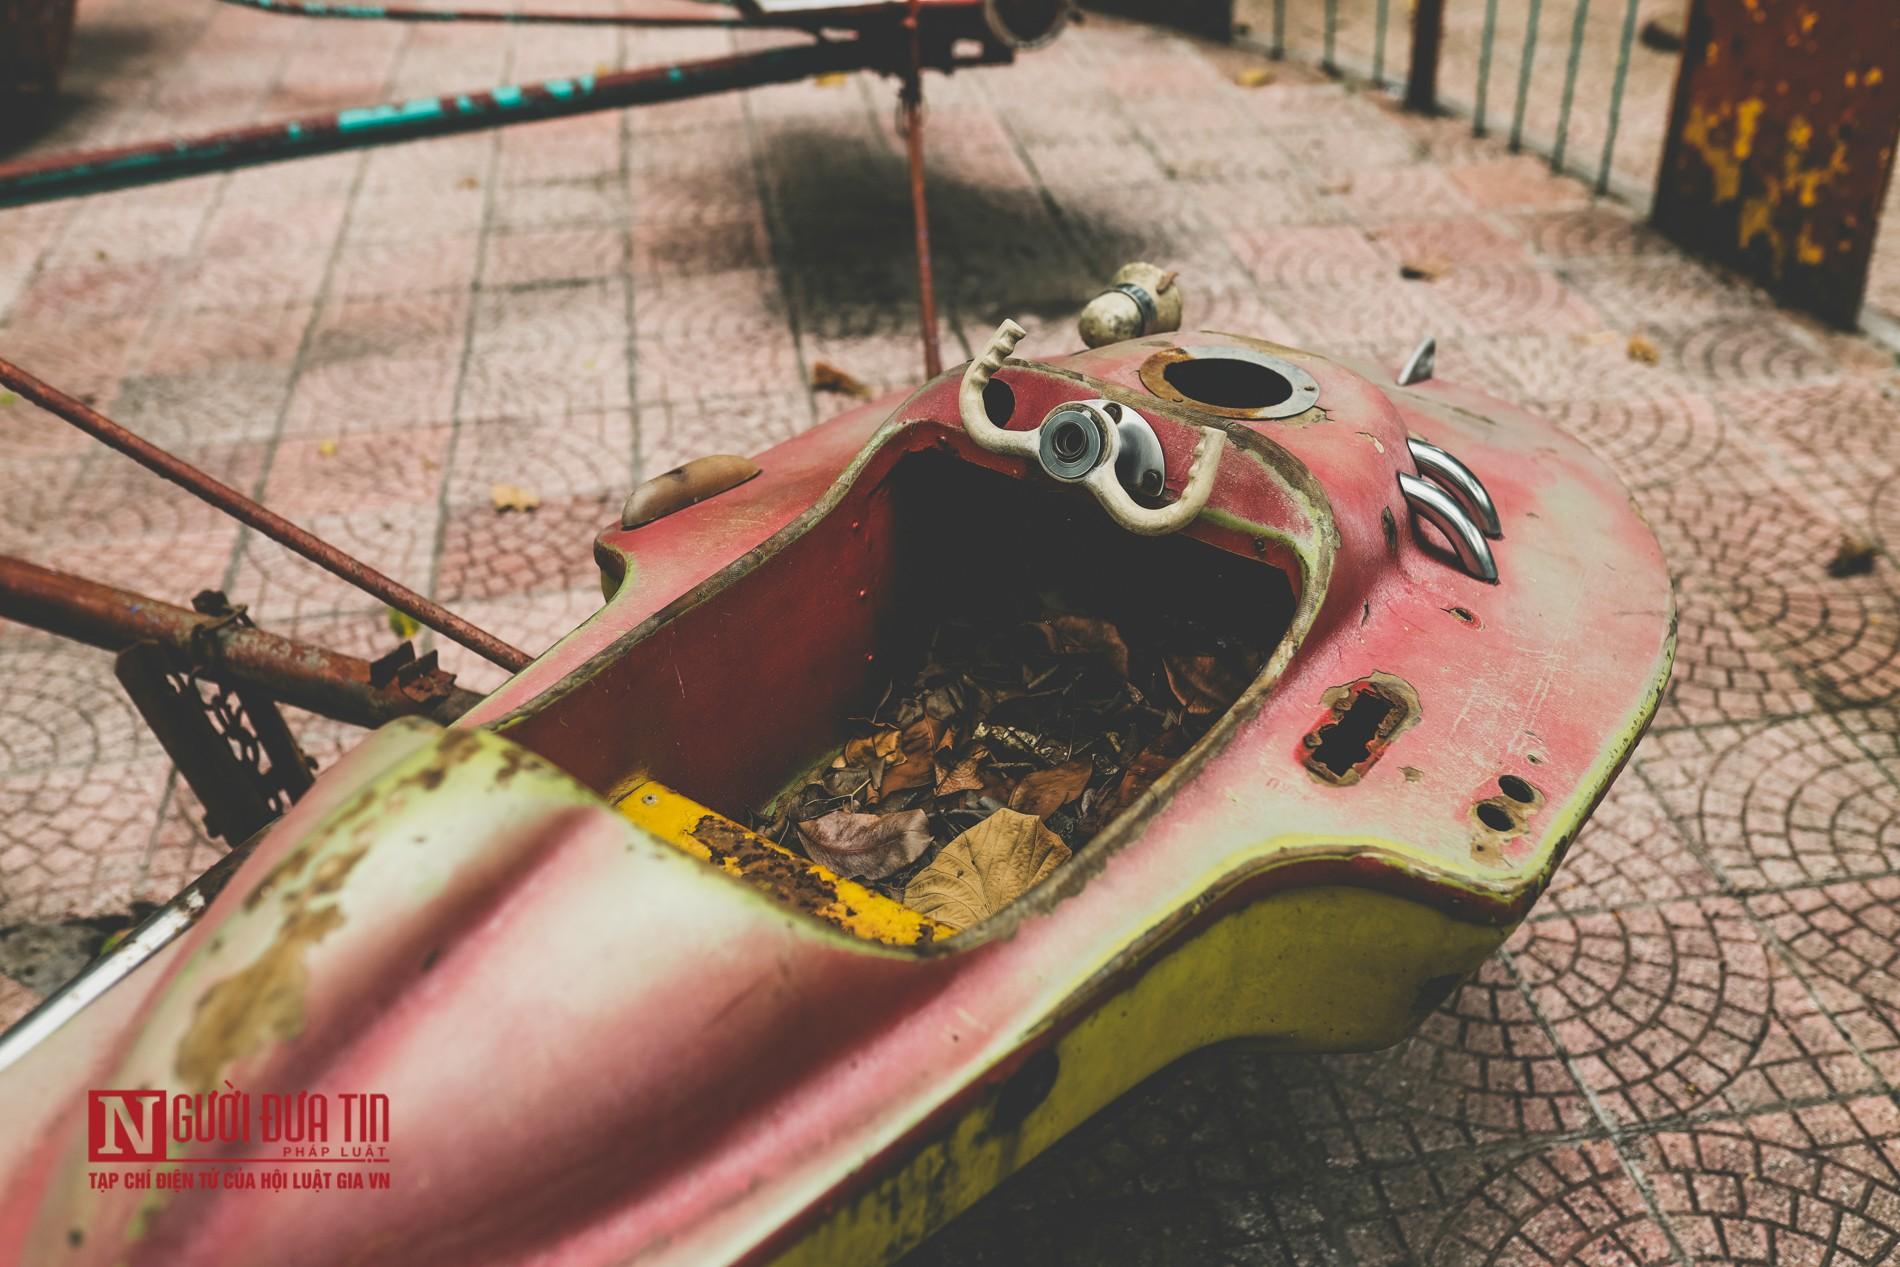 Hà Nội: Xót xa những hạng mục vui chơi cho trẻ xuống cấp, hư hỏng tại công viên Thống Nhất-5